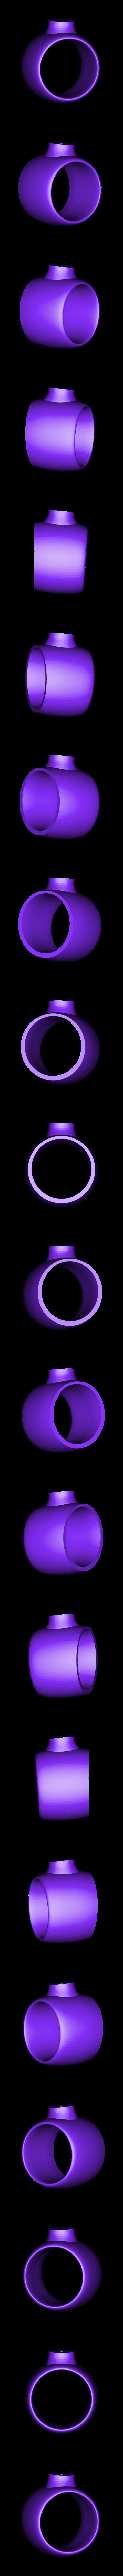 DFantenna01.STL Télécharger fichier STL gratuit Accessoires pour le Hobbyking (Piccole Ali) Macchi C.205 Veltro ARF • Modèle pour impression 3D, tahustvedt